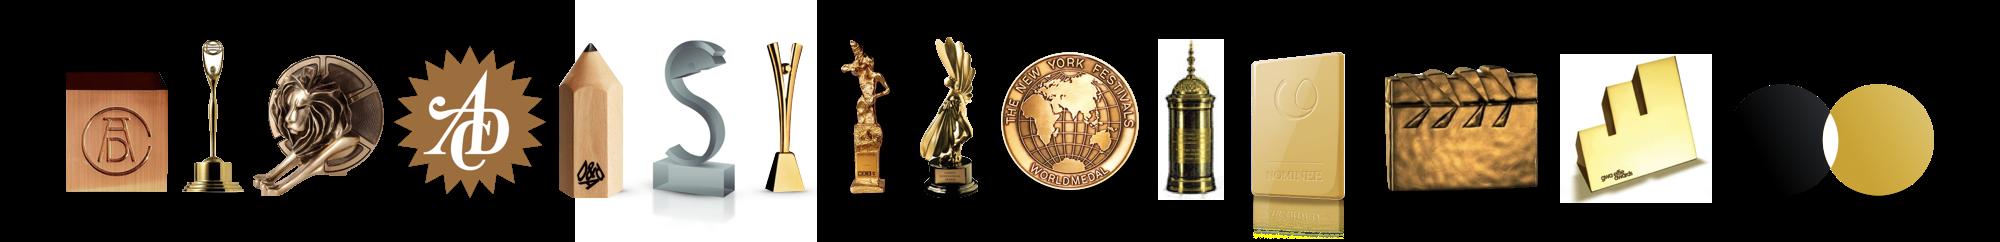 Awards_Line